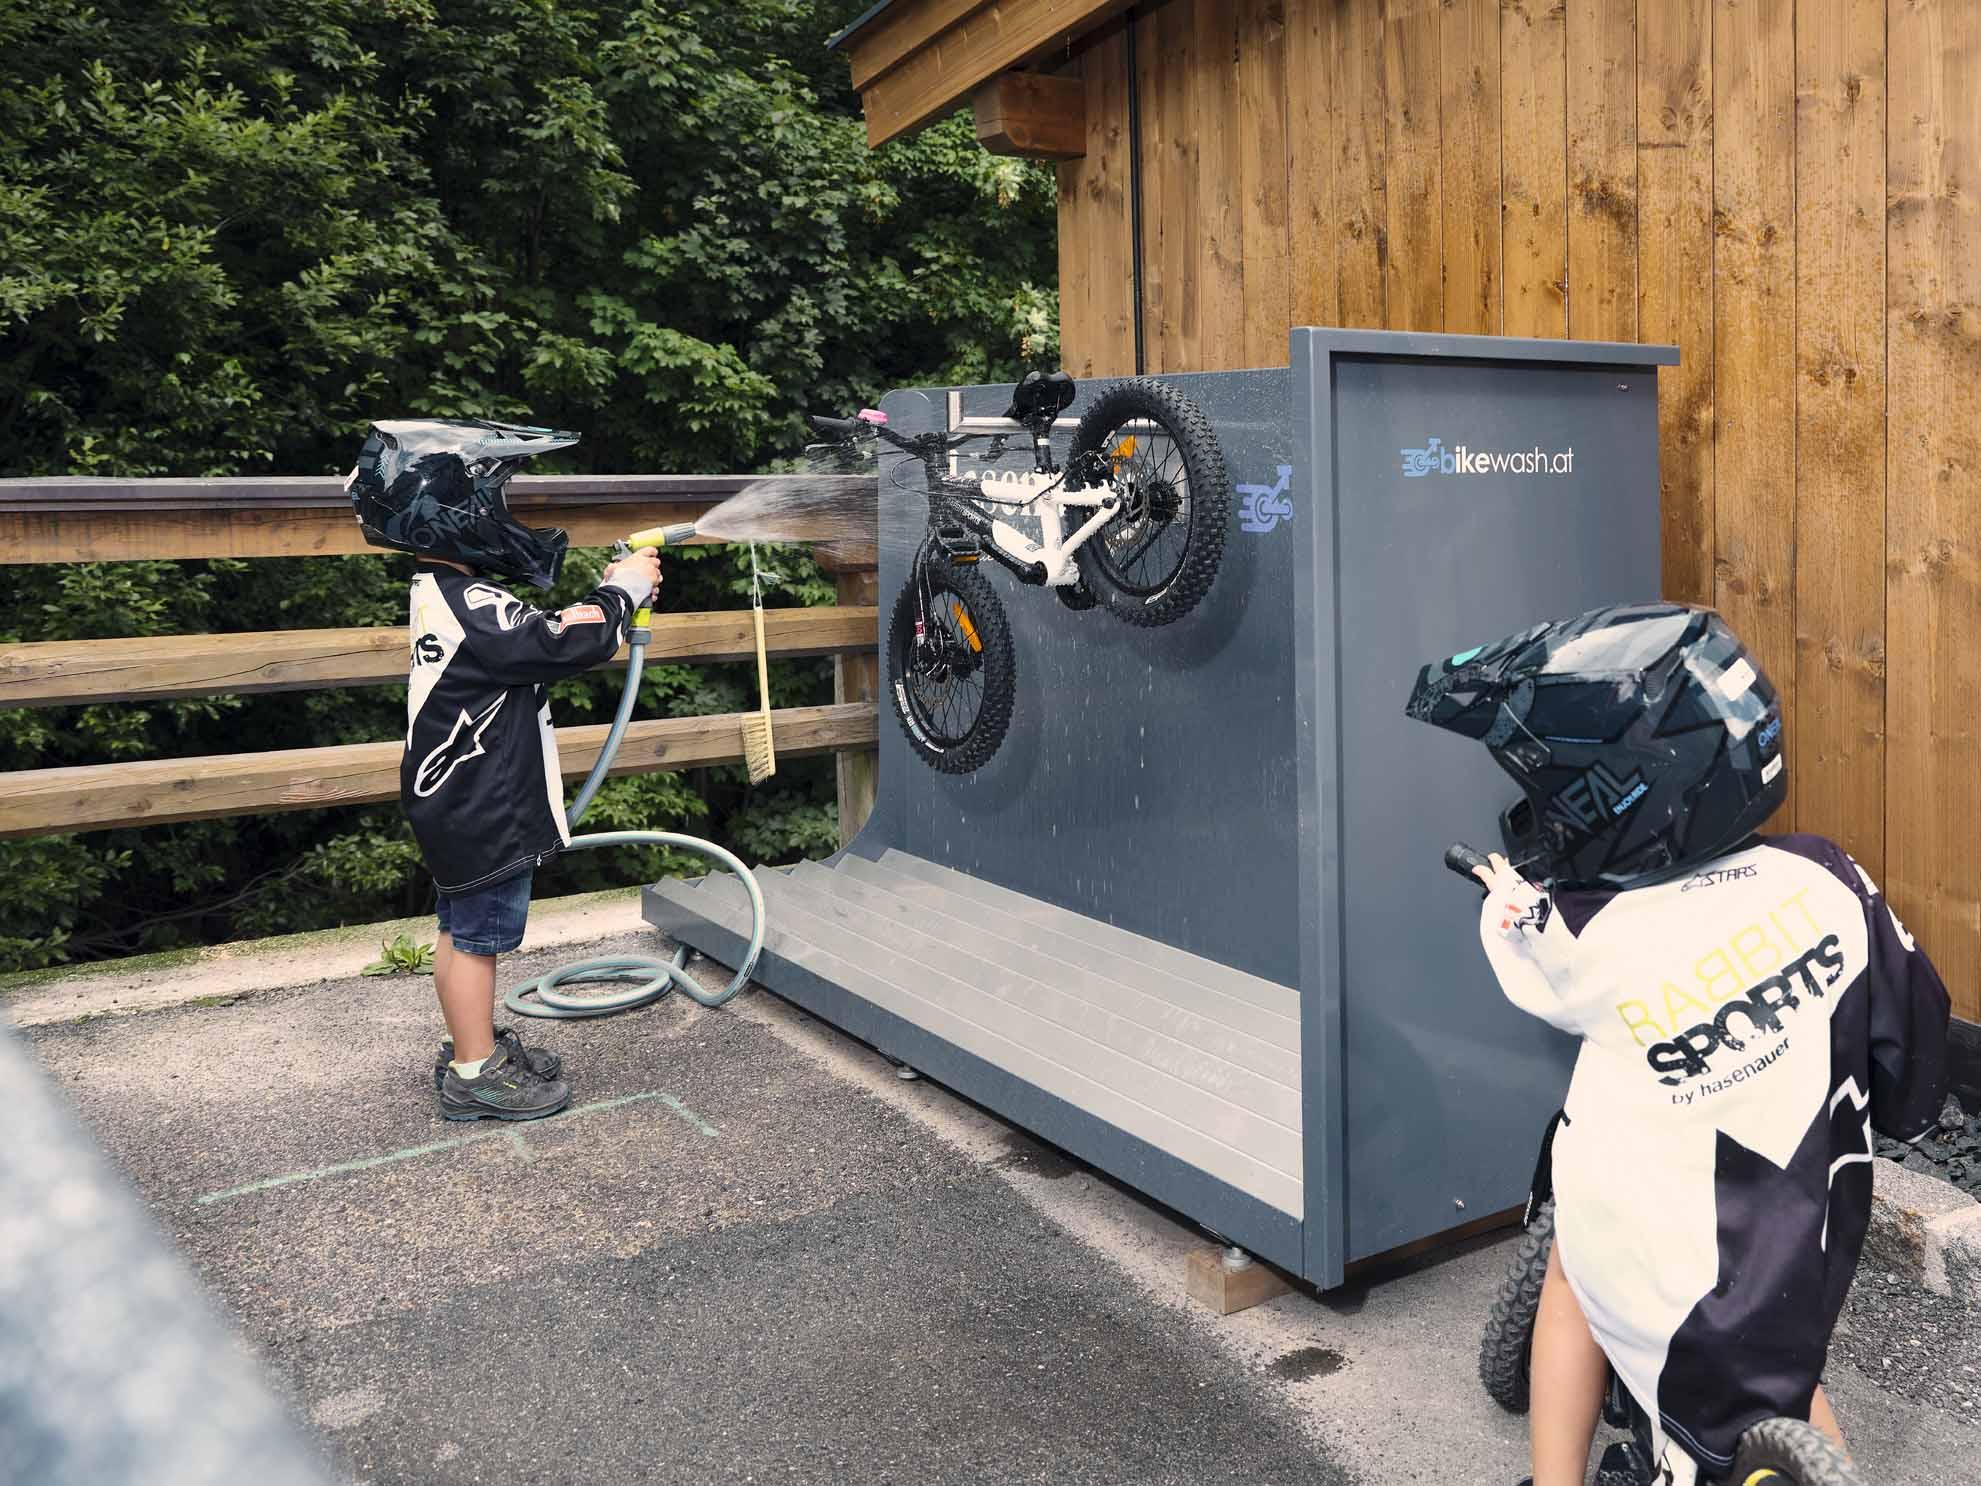 Kinder waschen das Bike am Bike-Waschplatz